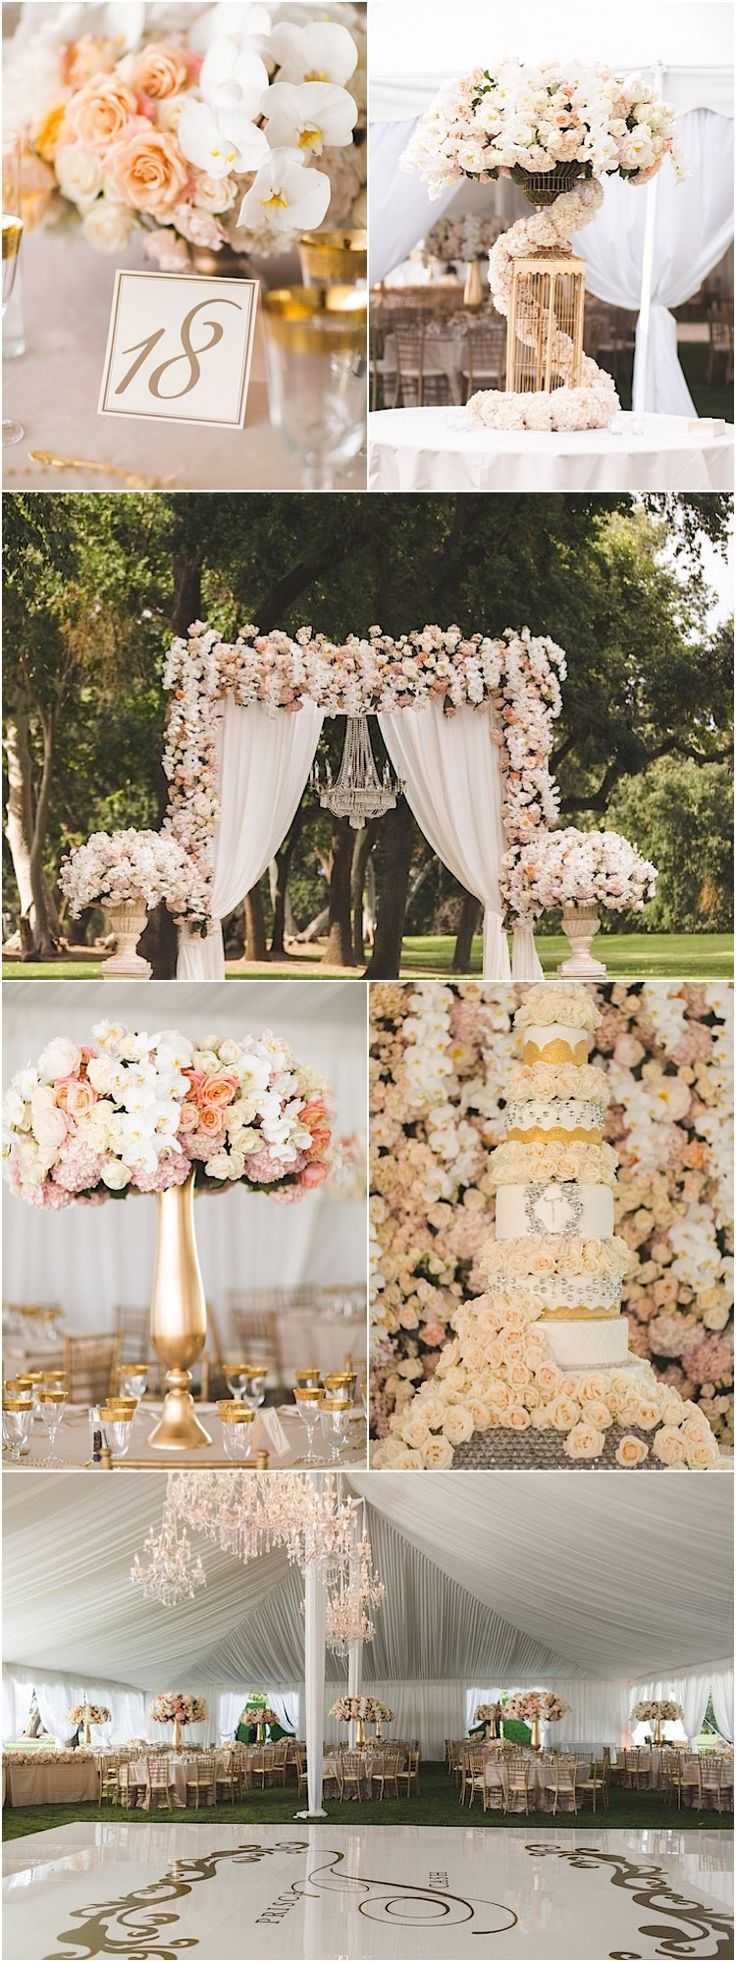 Wedding decor images   best wedding decor images on Pinterest  Wedding ideas Wedding